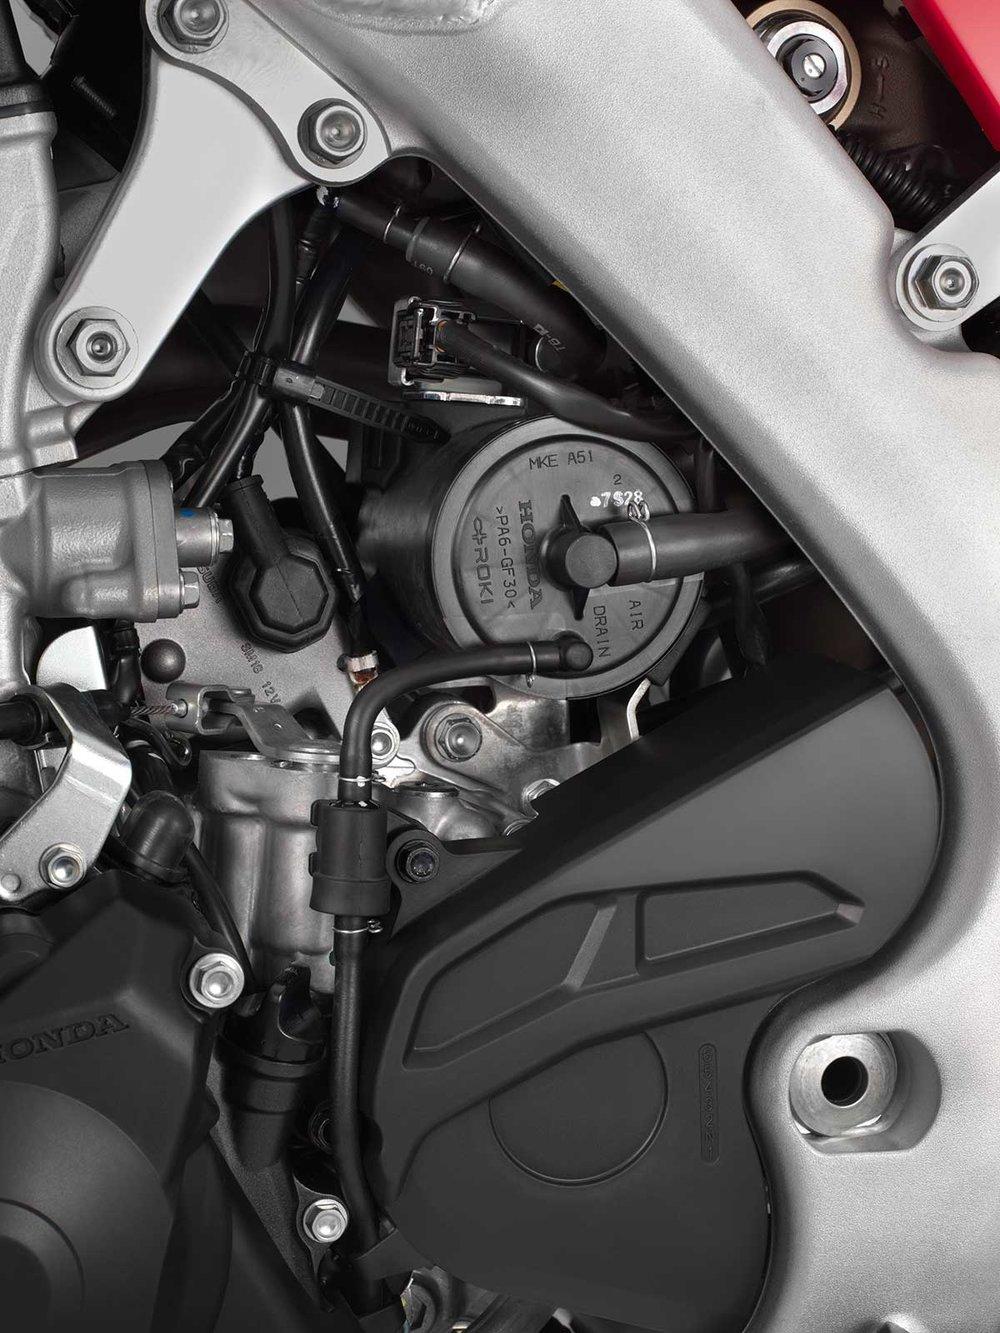 19-Honda-CRF450L_emissions-canister.jpg